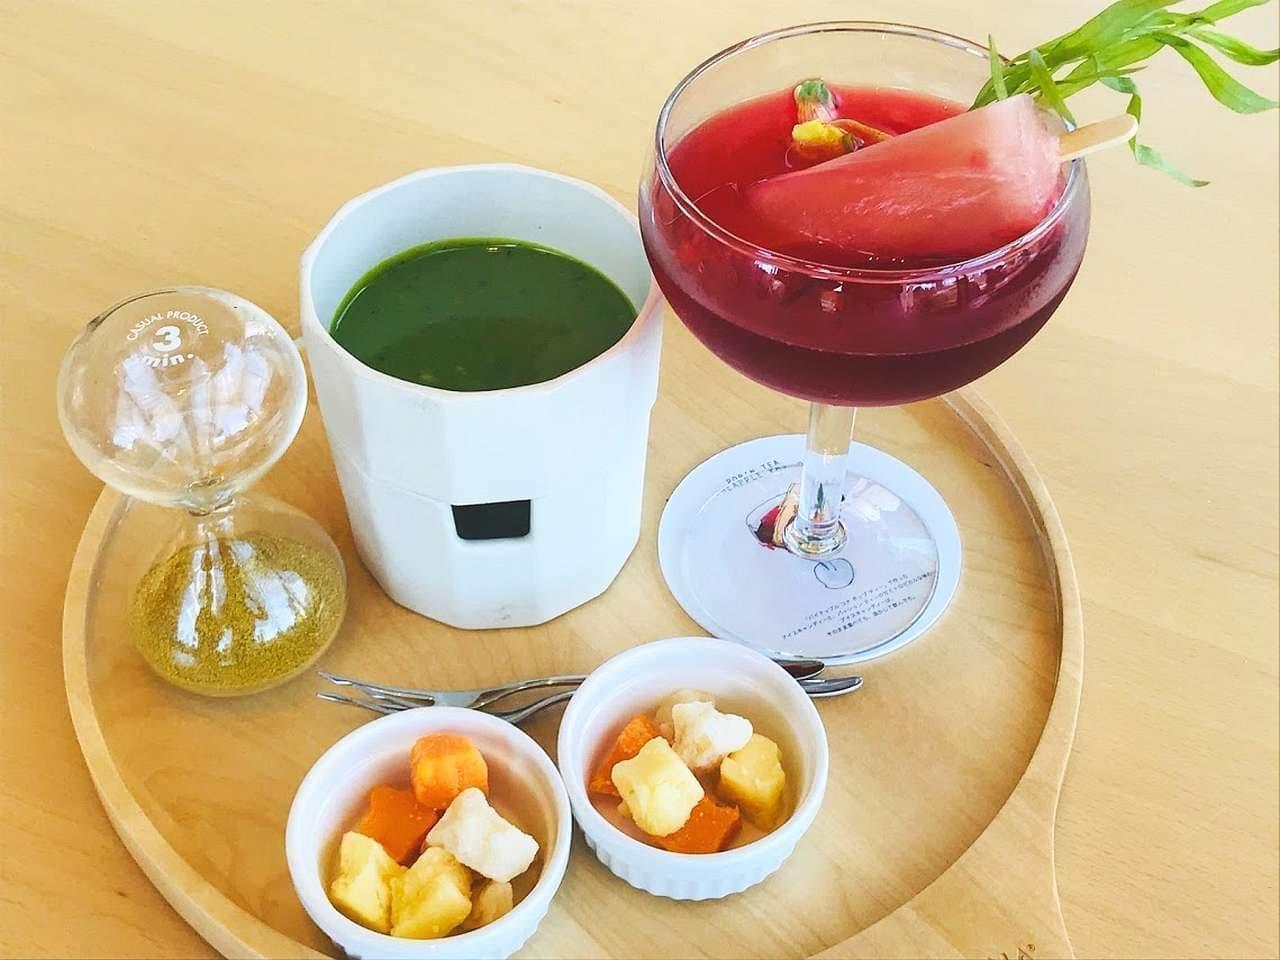 スターバックス リザーブ ロースタリー 東京「抹茶 ティー フォンデュ with 3種のチーズ」「ポップン ティー パイナップル パッション」